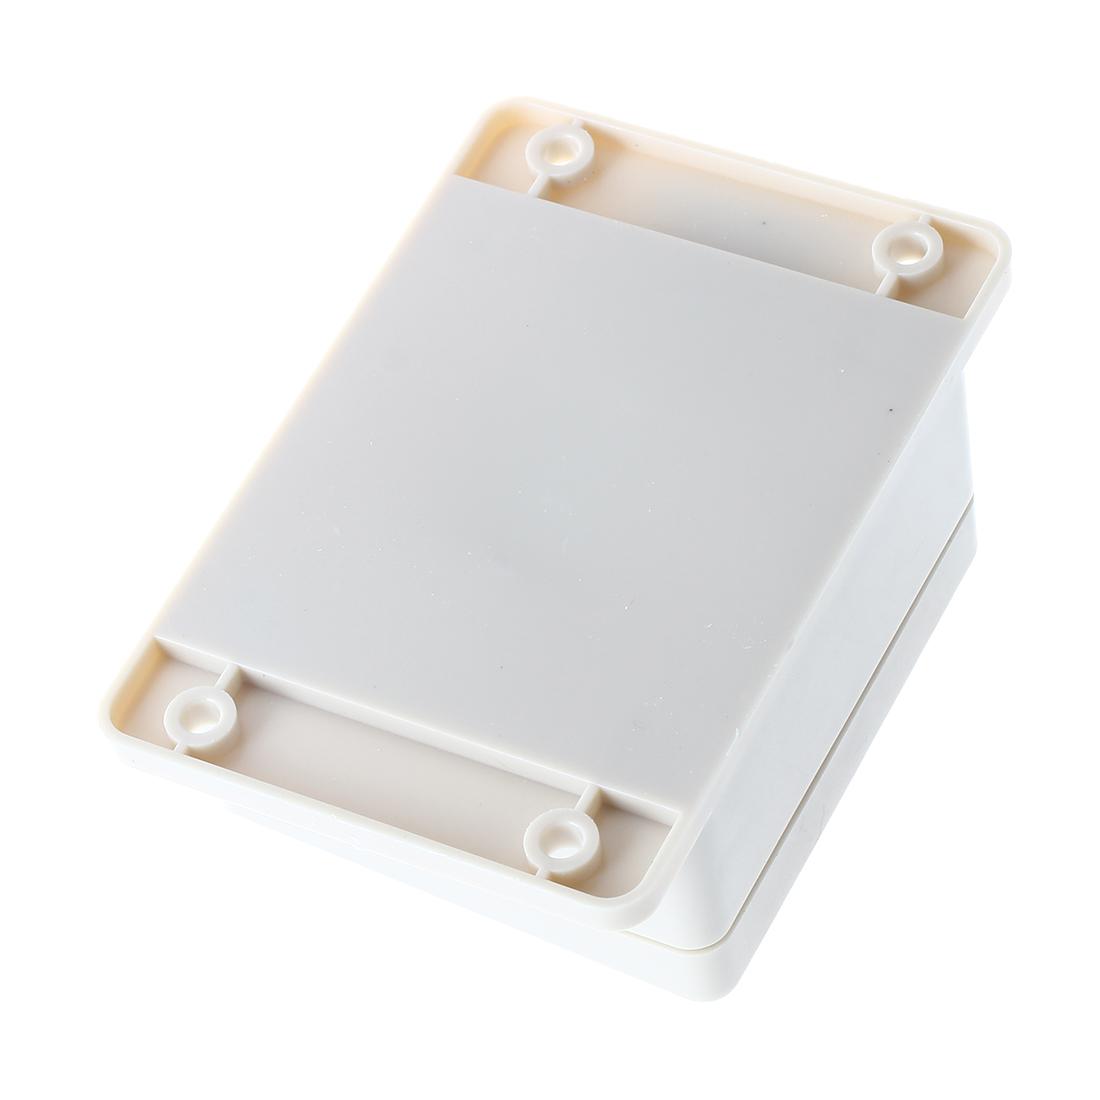 led variateur gradateur dimmer eclairage ajustable 24v h1l7 ebay. Black Bedroom Furniture Sets. Home Design Ideas